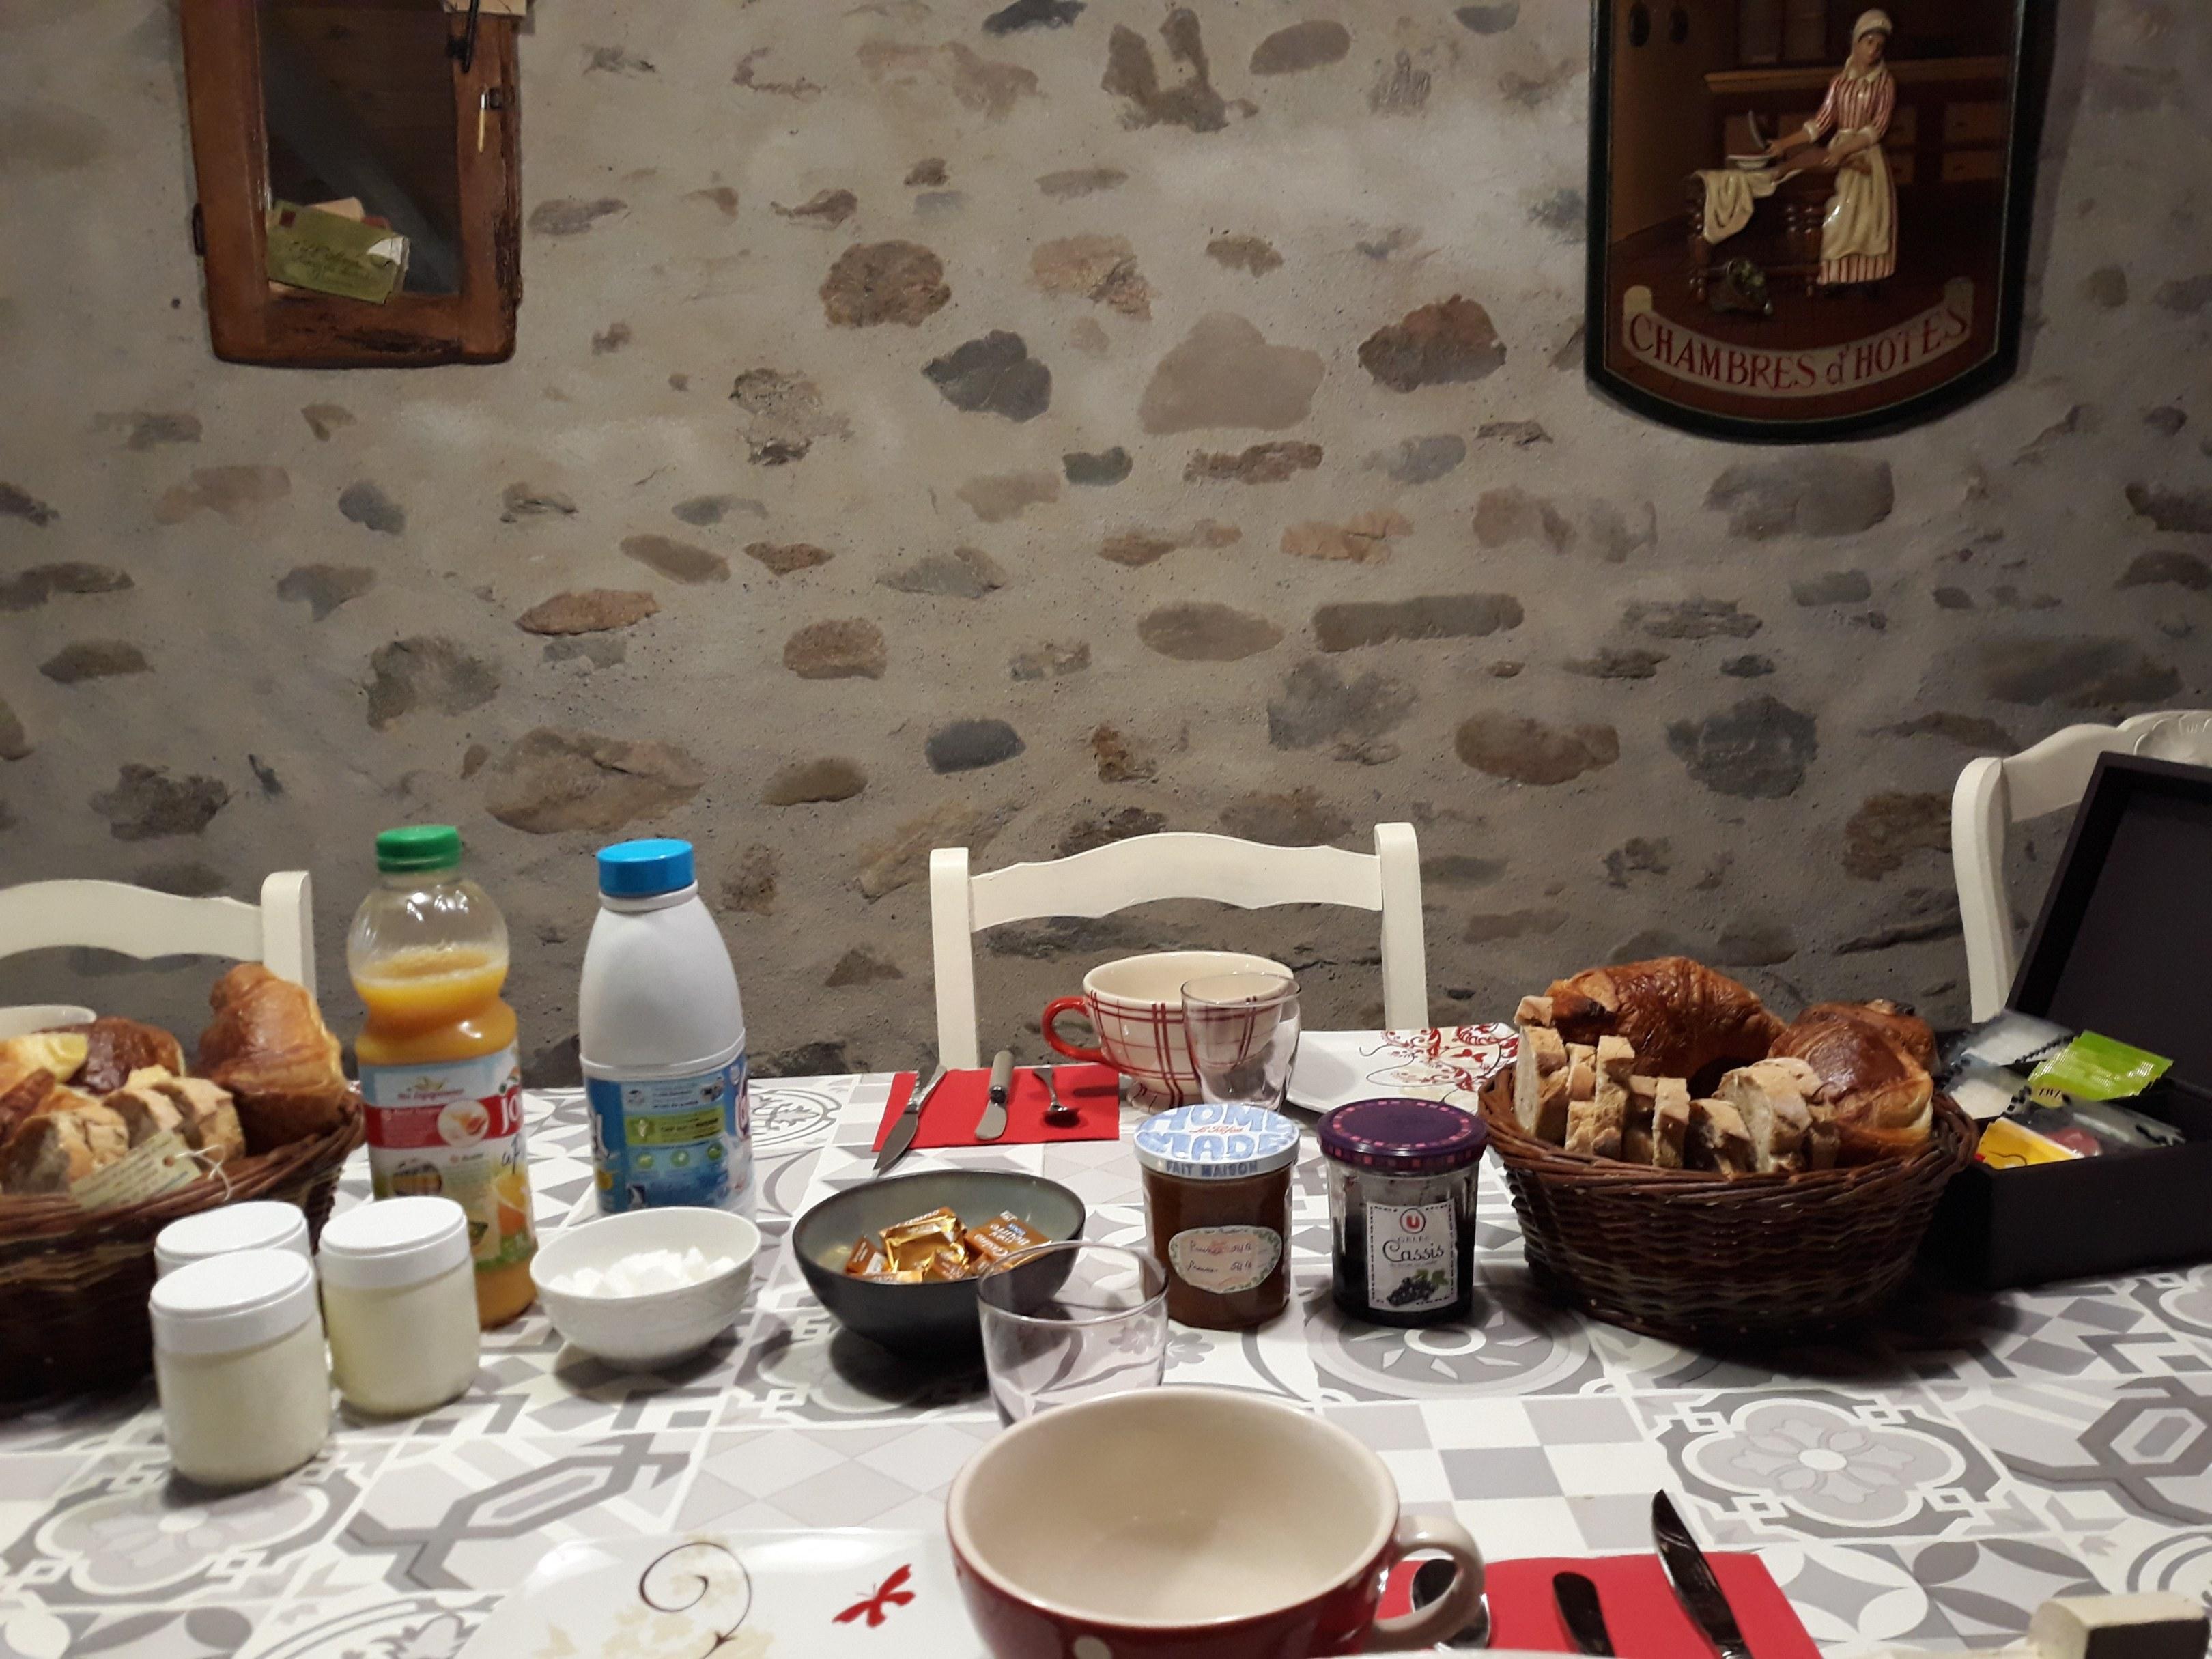 chambre-hotes-auvergne-repas-table-d-hote-petit-dejeuner-portrait-chaise-bol-lait-jus